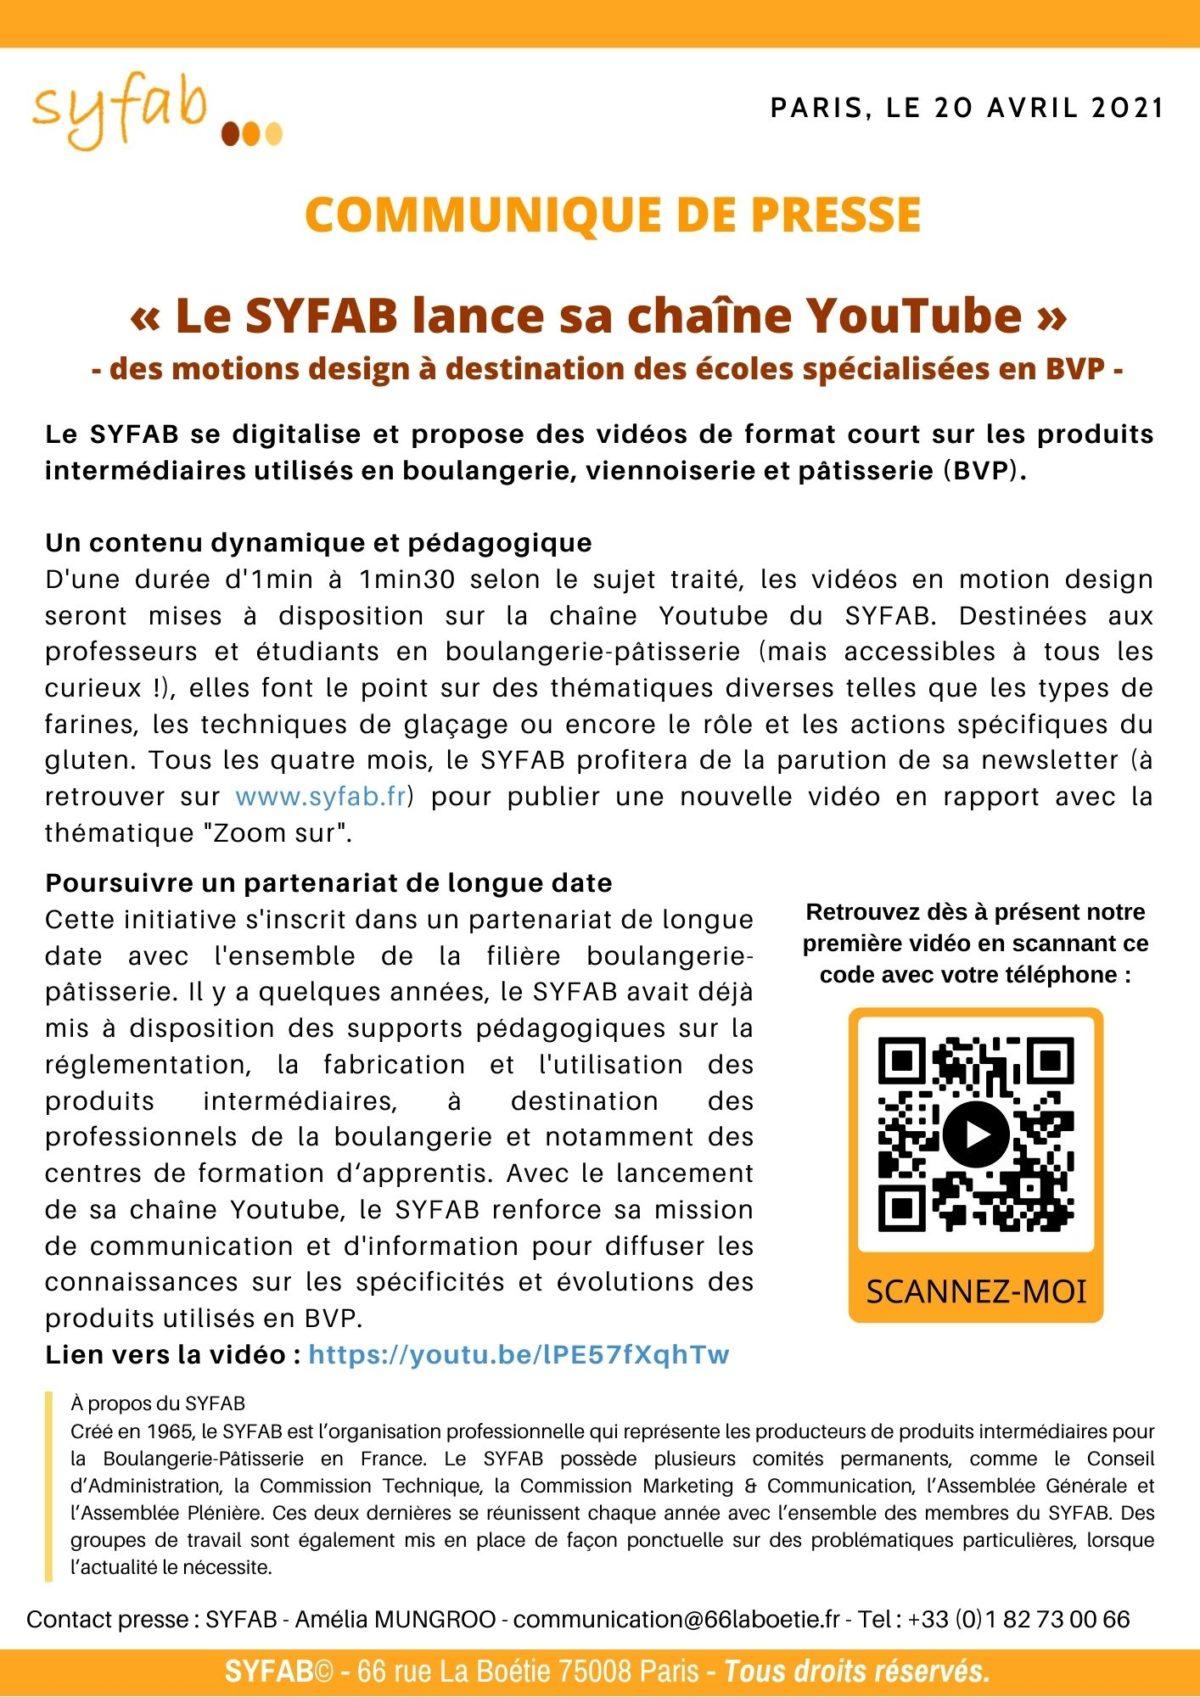 [COMMUNIQUE DE PRESSE] – Le SYFAB lance sa chaîne YouTube – des motions design à destination des écoles spécialisées en BVP (Boulangerie Viennoiserie Pâtisserie).